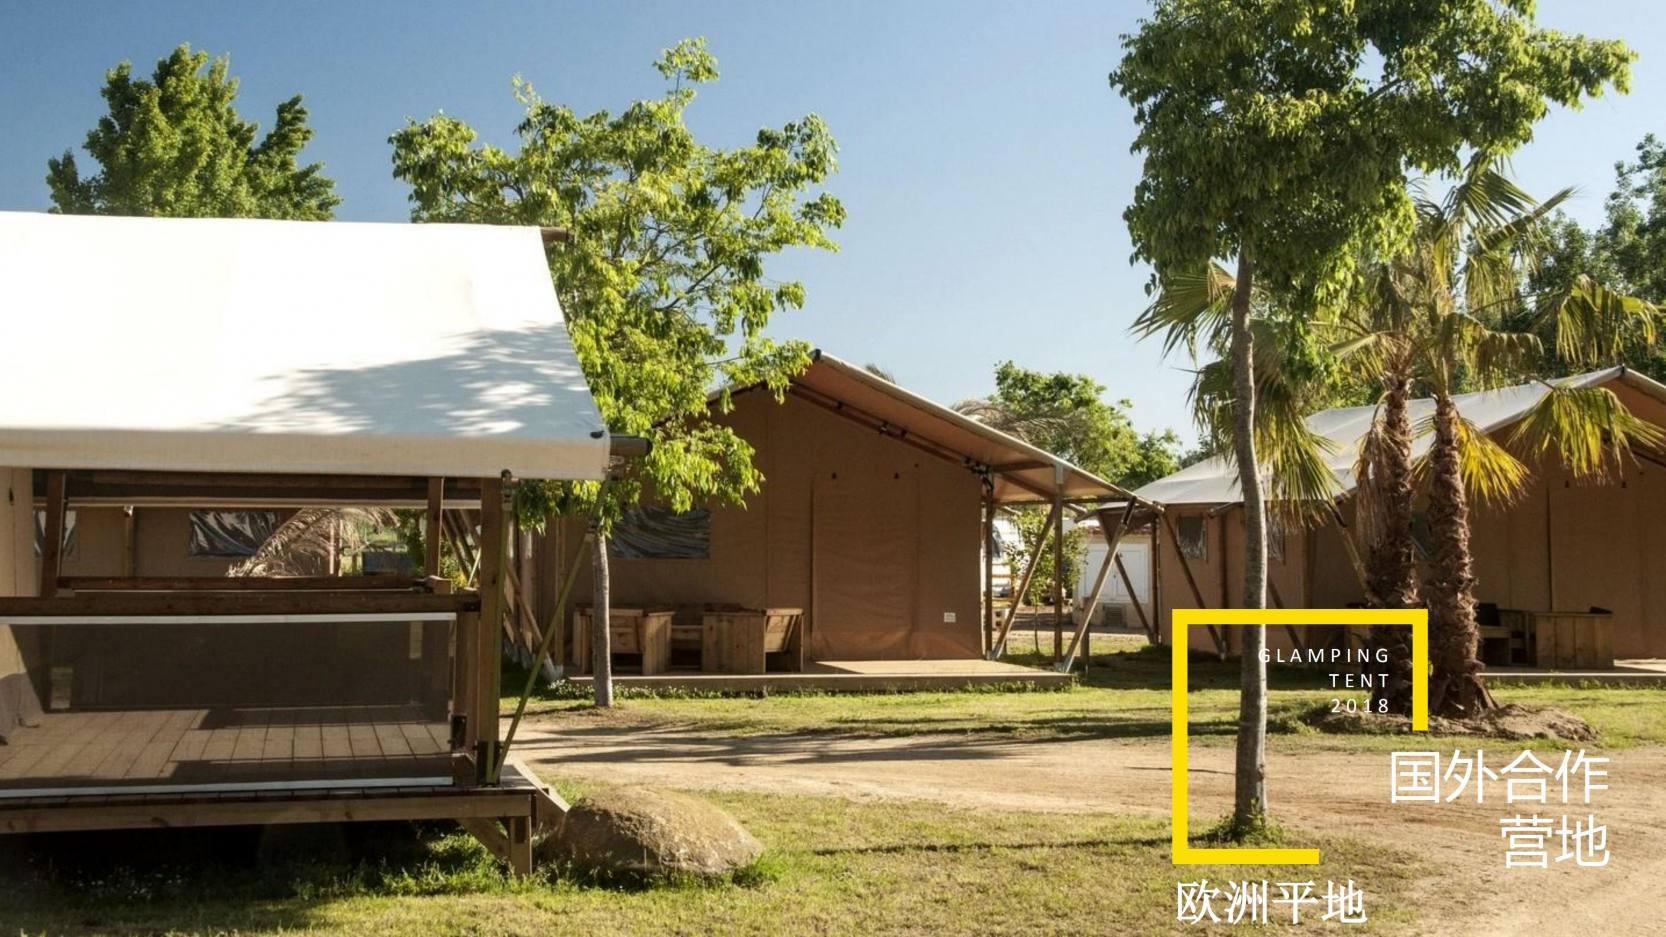 喜马拉雅野奢帐篷 (8)